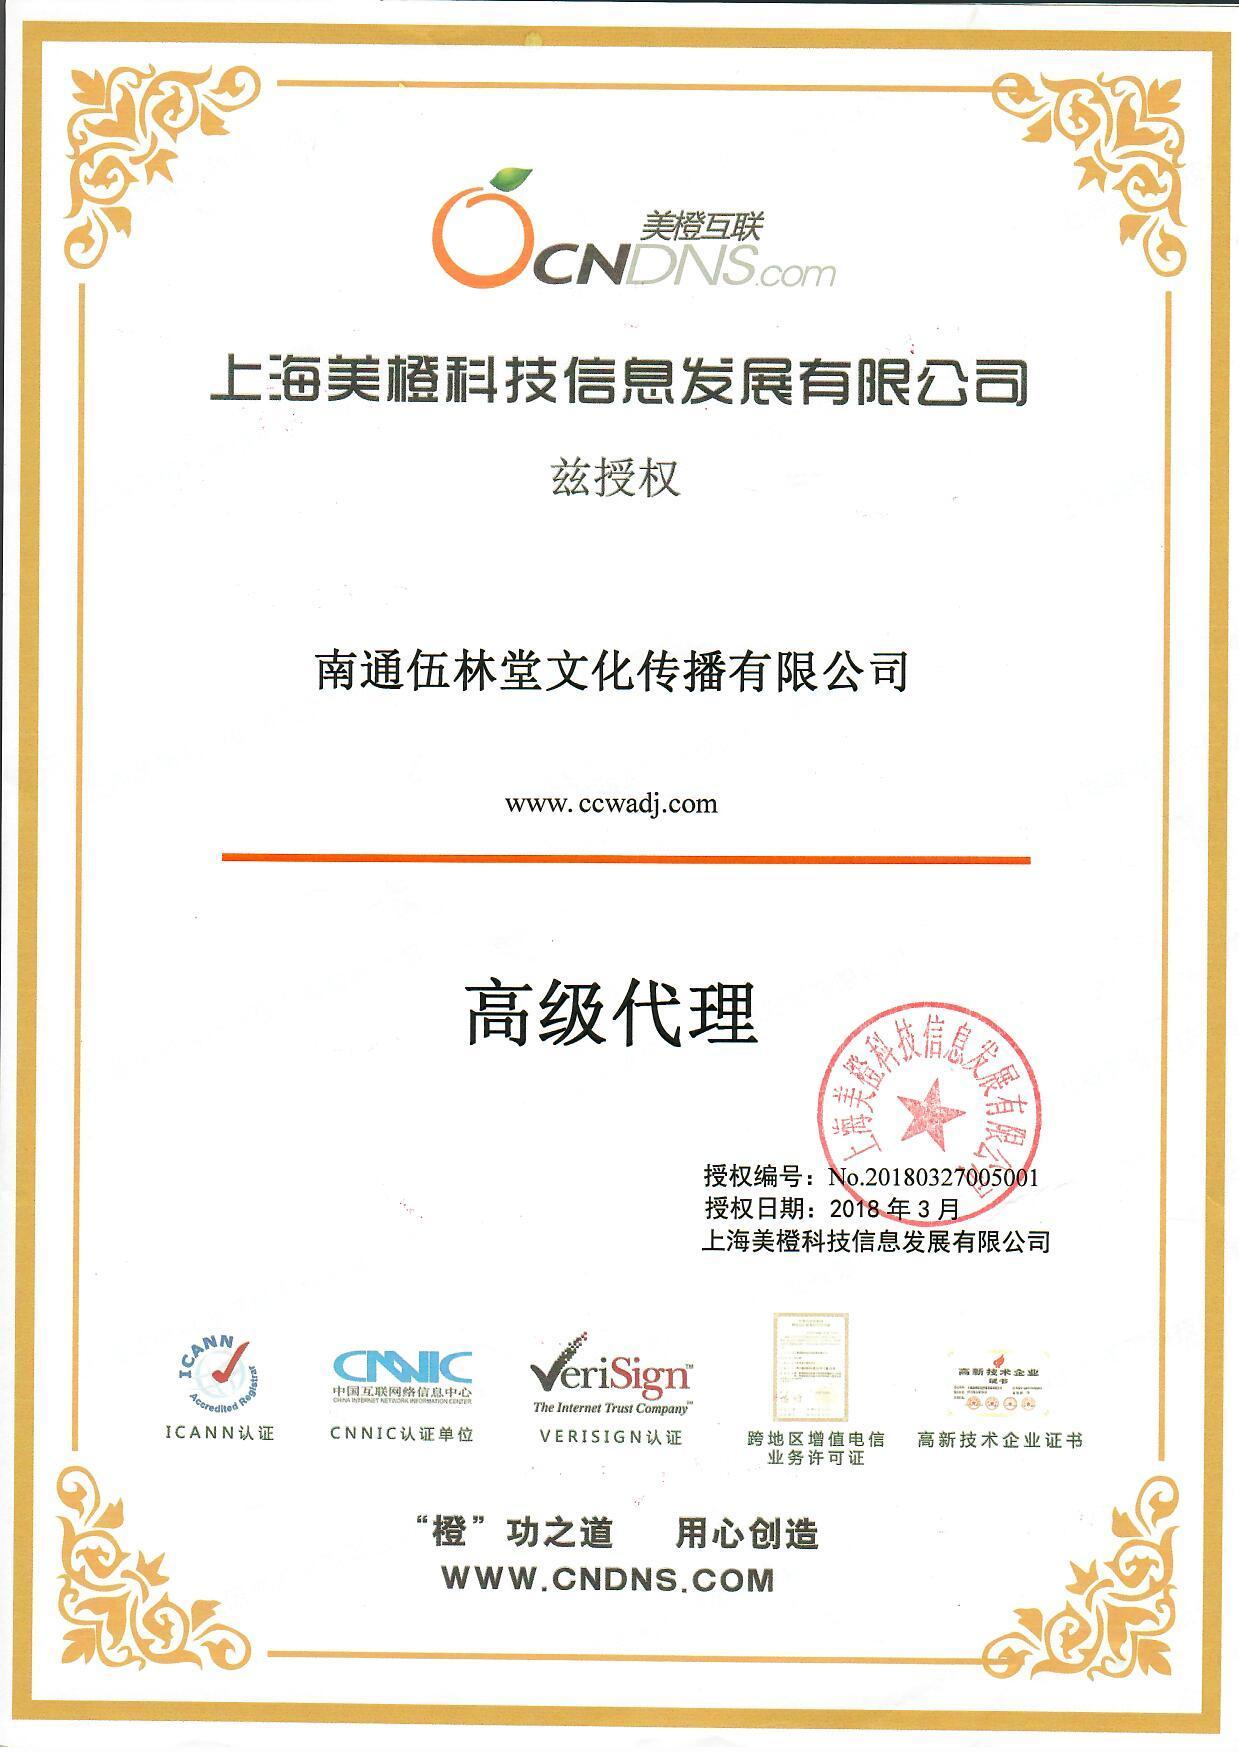 2018年03月27日:成为上海美橙科技信息发展有限公司高级代理